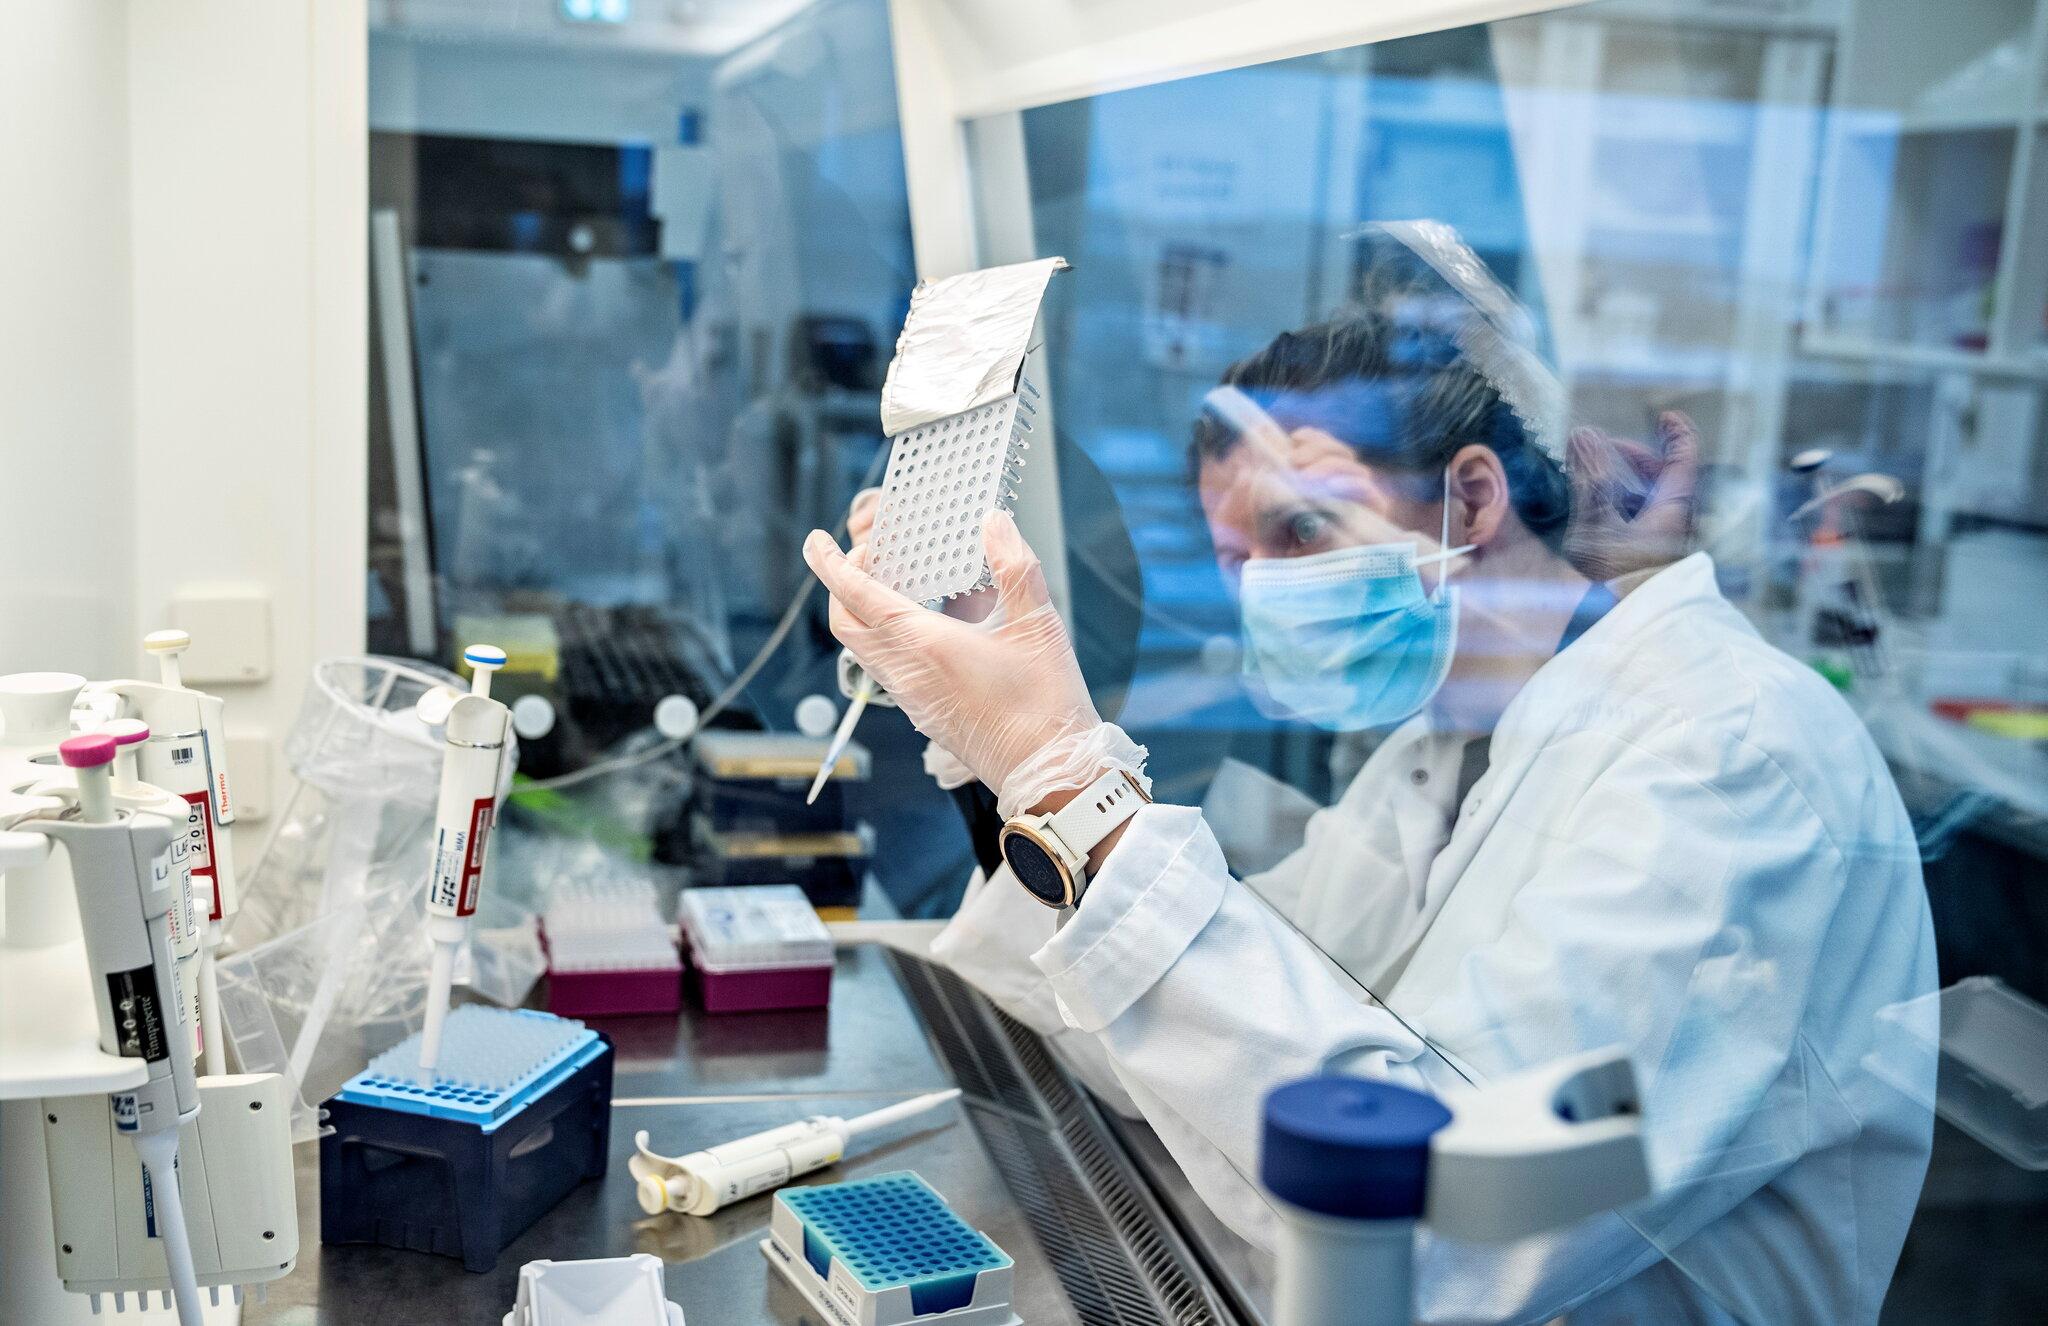 Nhà nghiên cứu tại Đại học Aalborg ở Đan Mạch phân tích mẫu coronavirus cho biến thể B.1.1.7, tháng 12/2020. Ảnh: